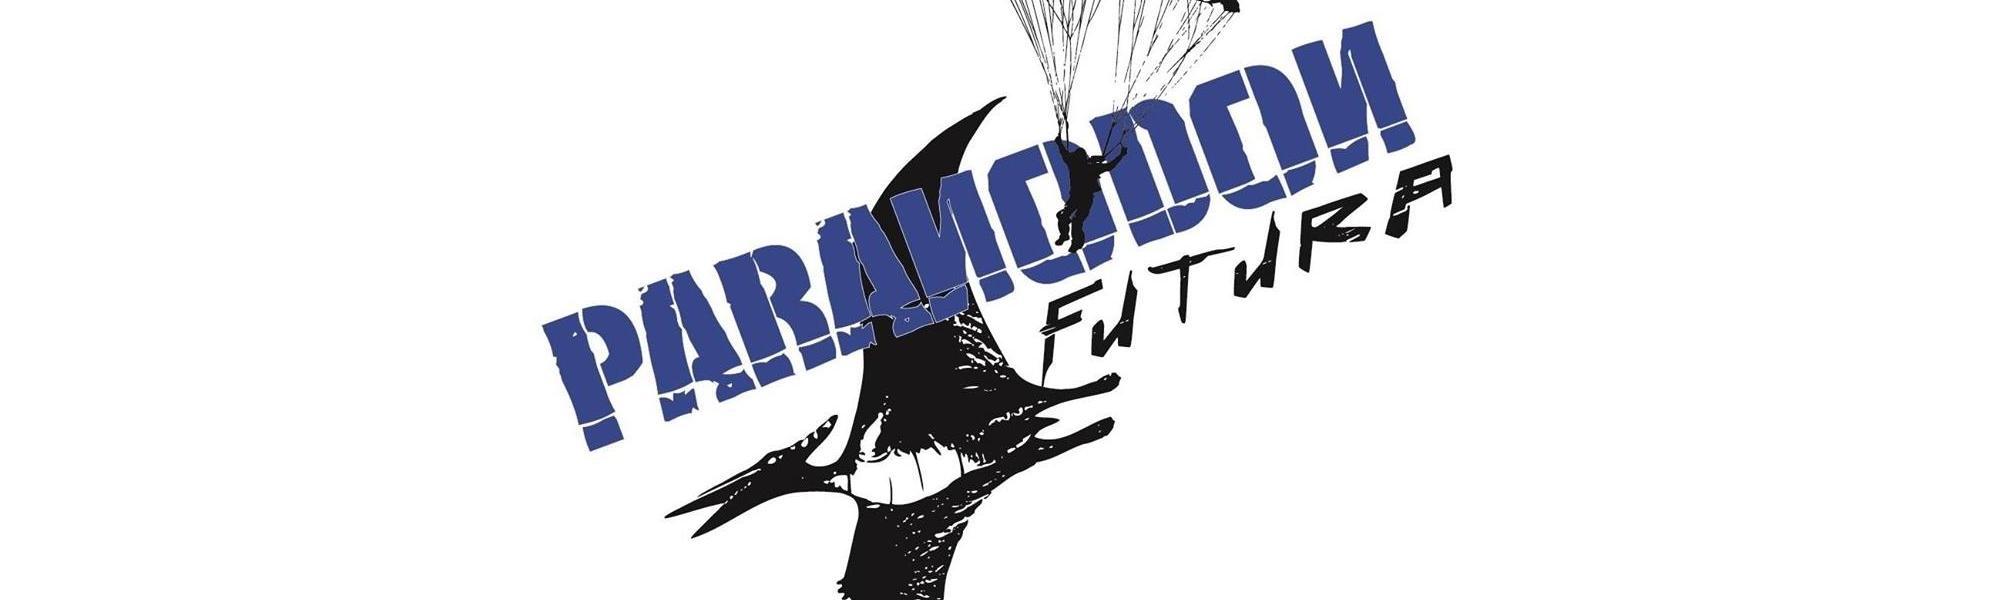 Paranodon Futura - Illertissen